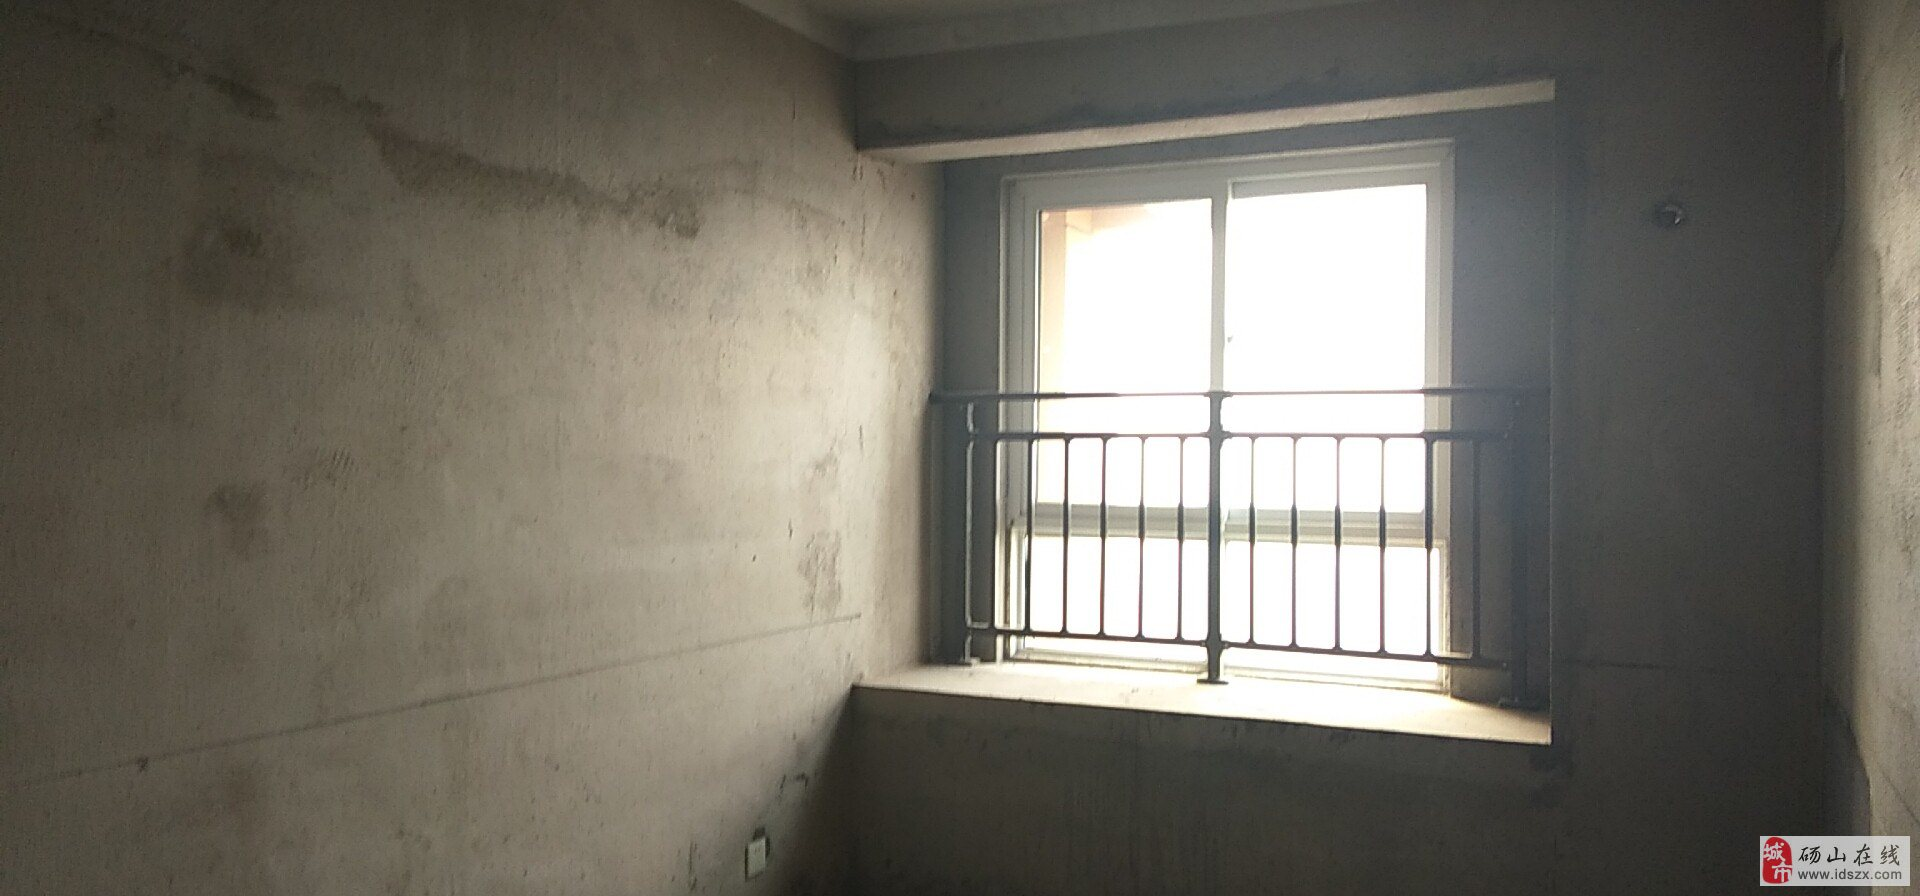 萬景觀邸24層毛坯房觀景房1梯1戶含稅價急售